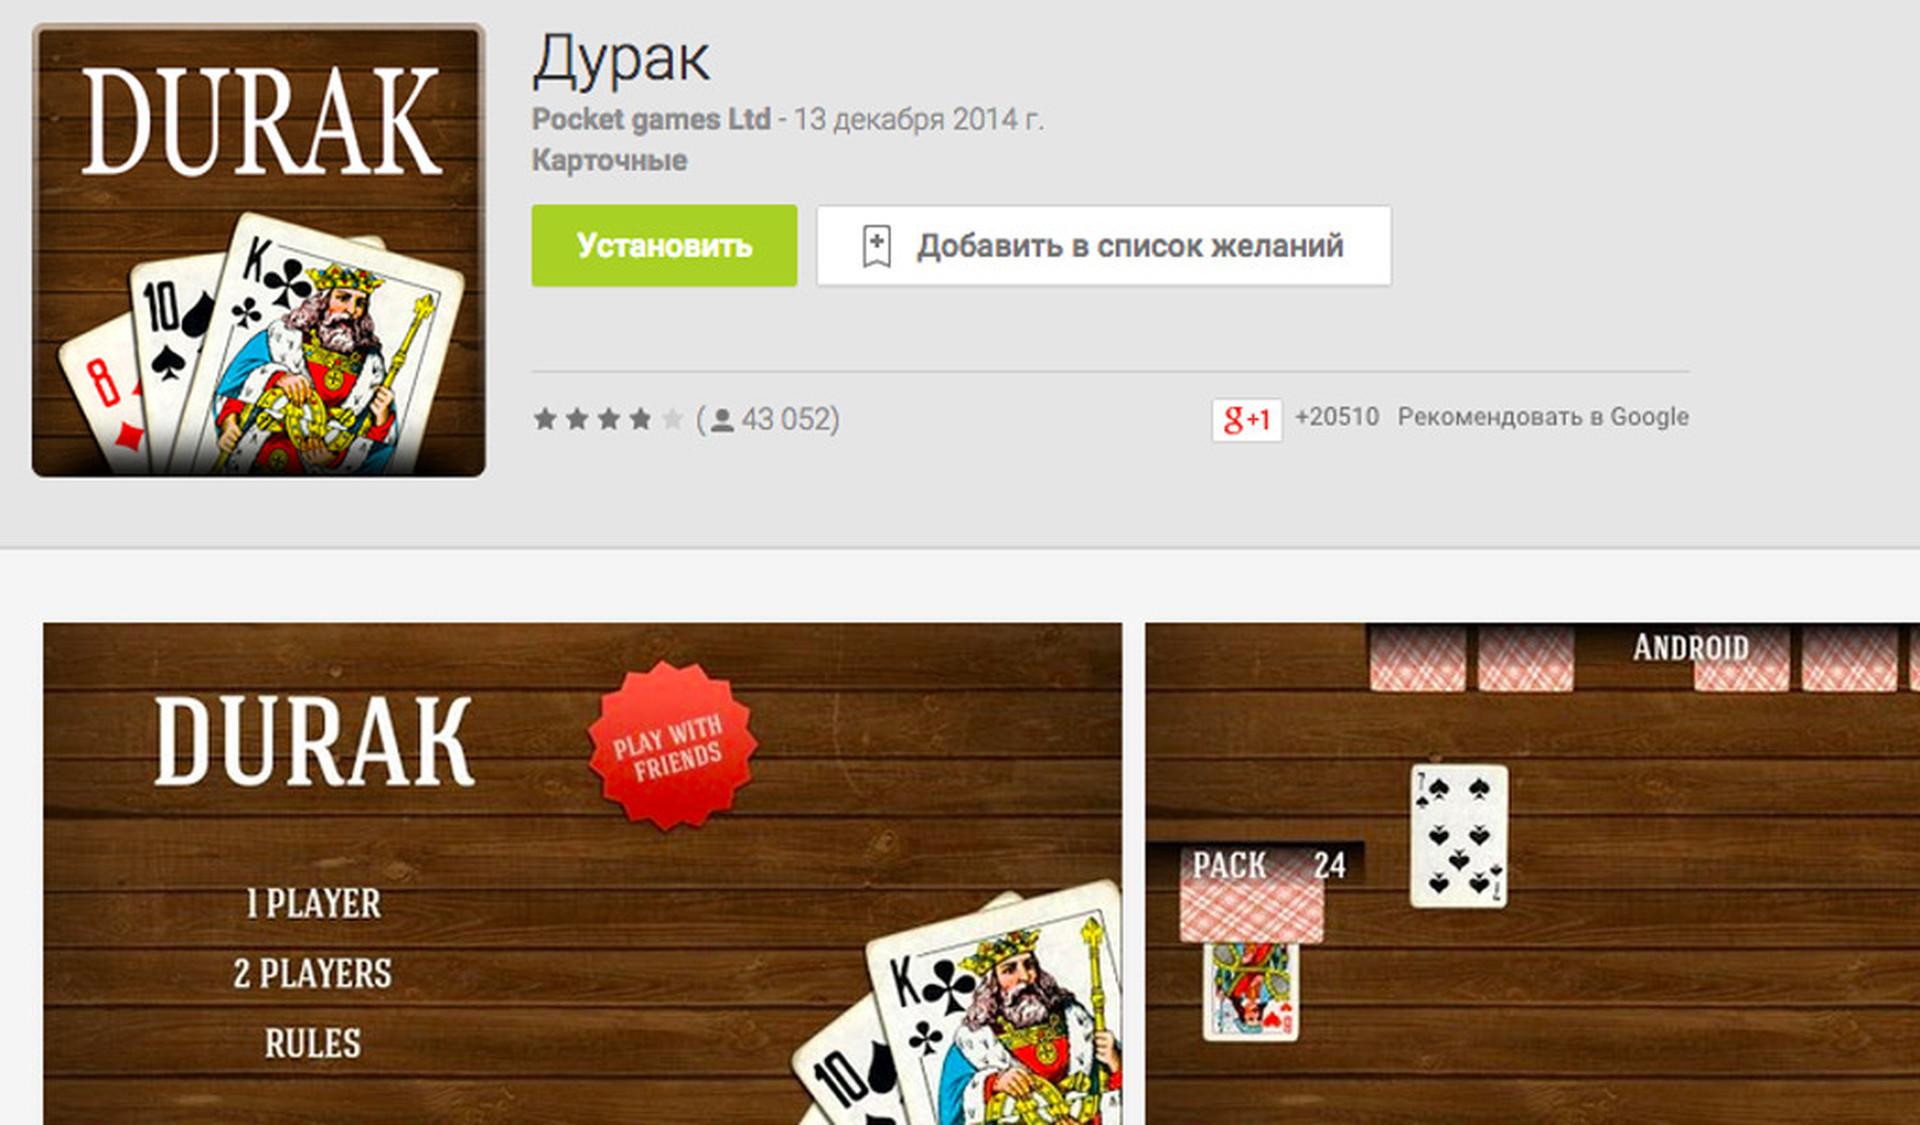 карточные игры дурак на андроид